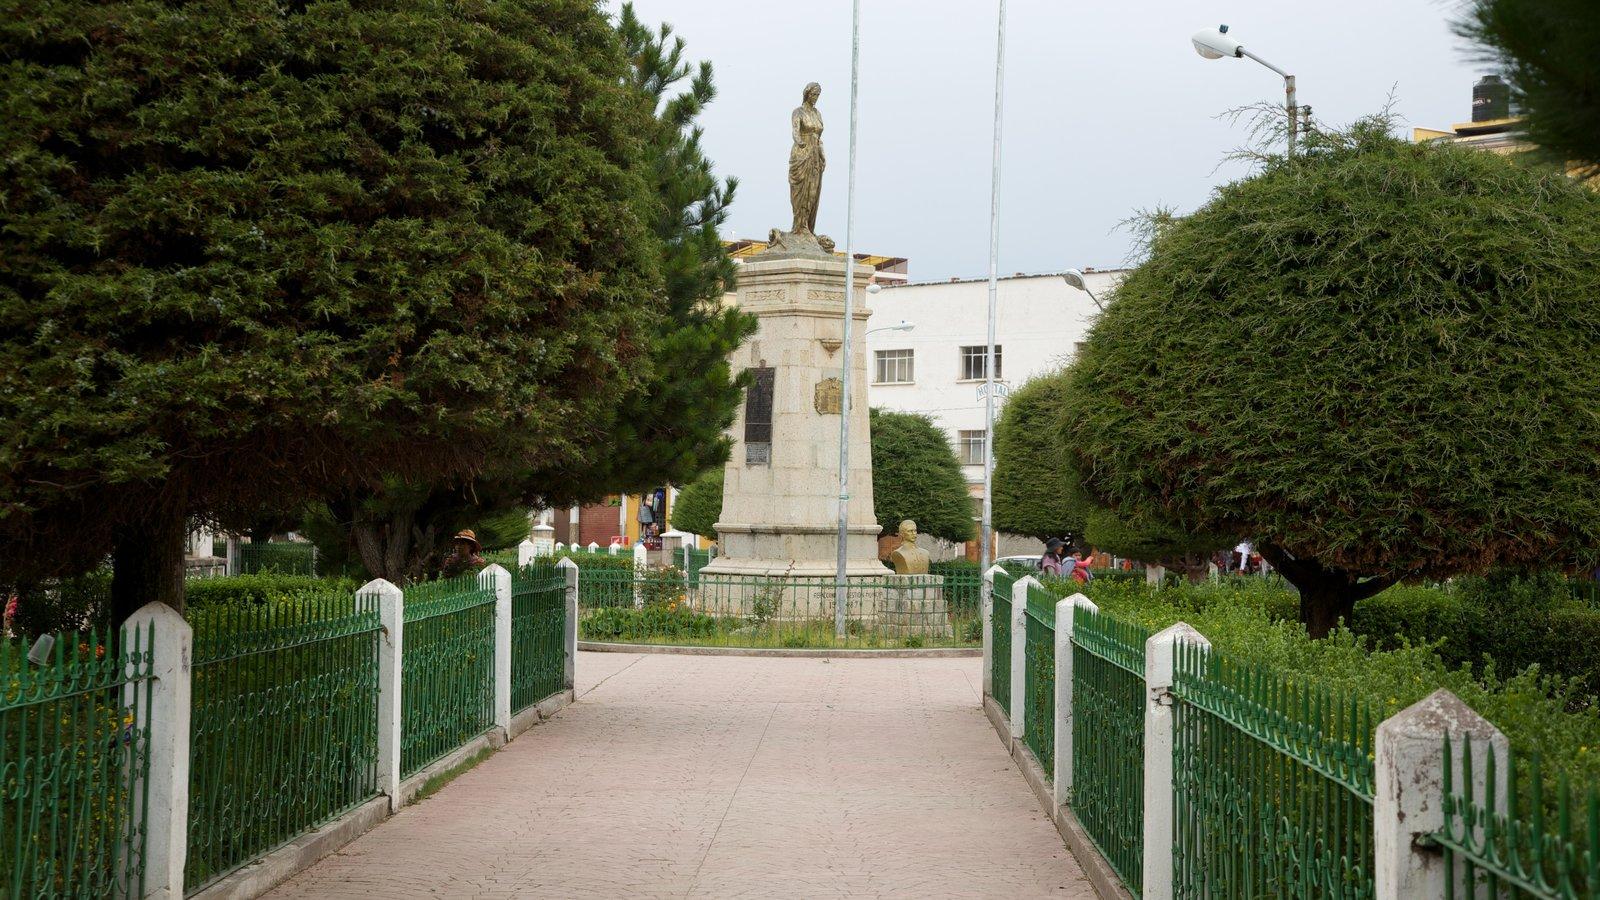 Praça principal mostrando um parque